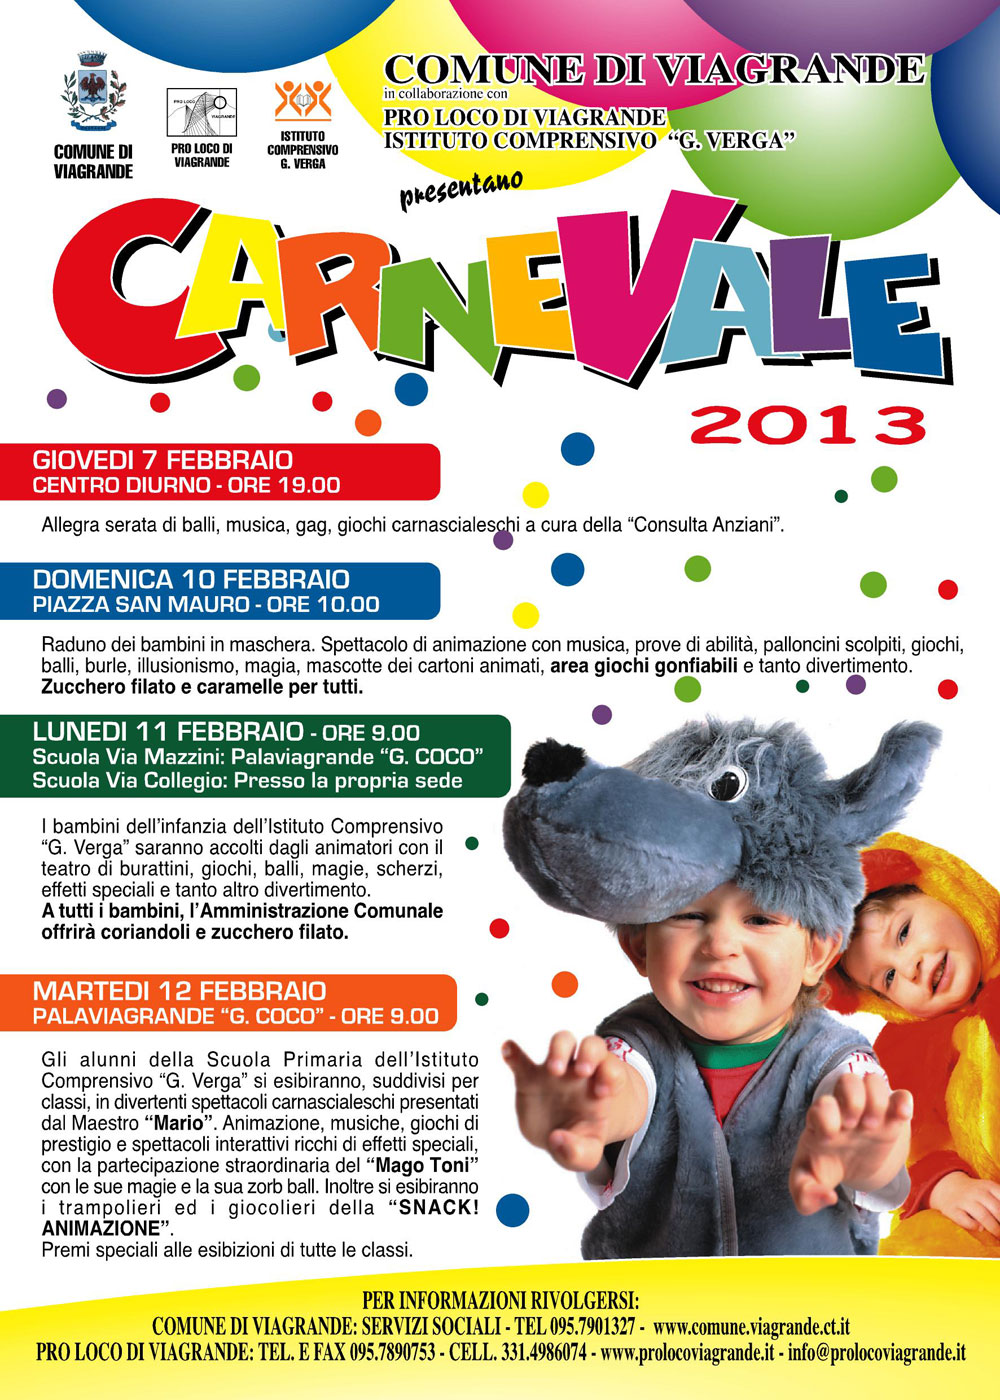 Carnevale 2013 a Viagrande